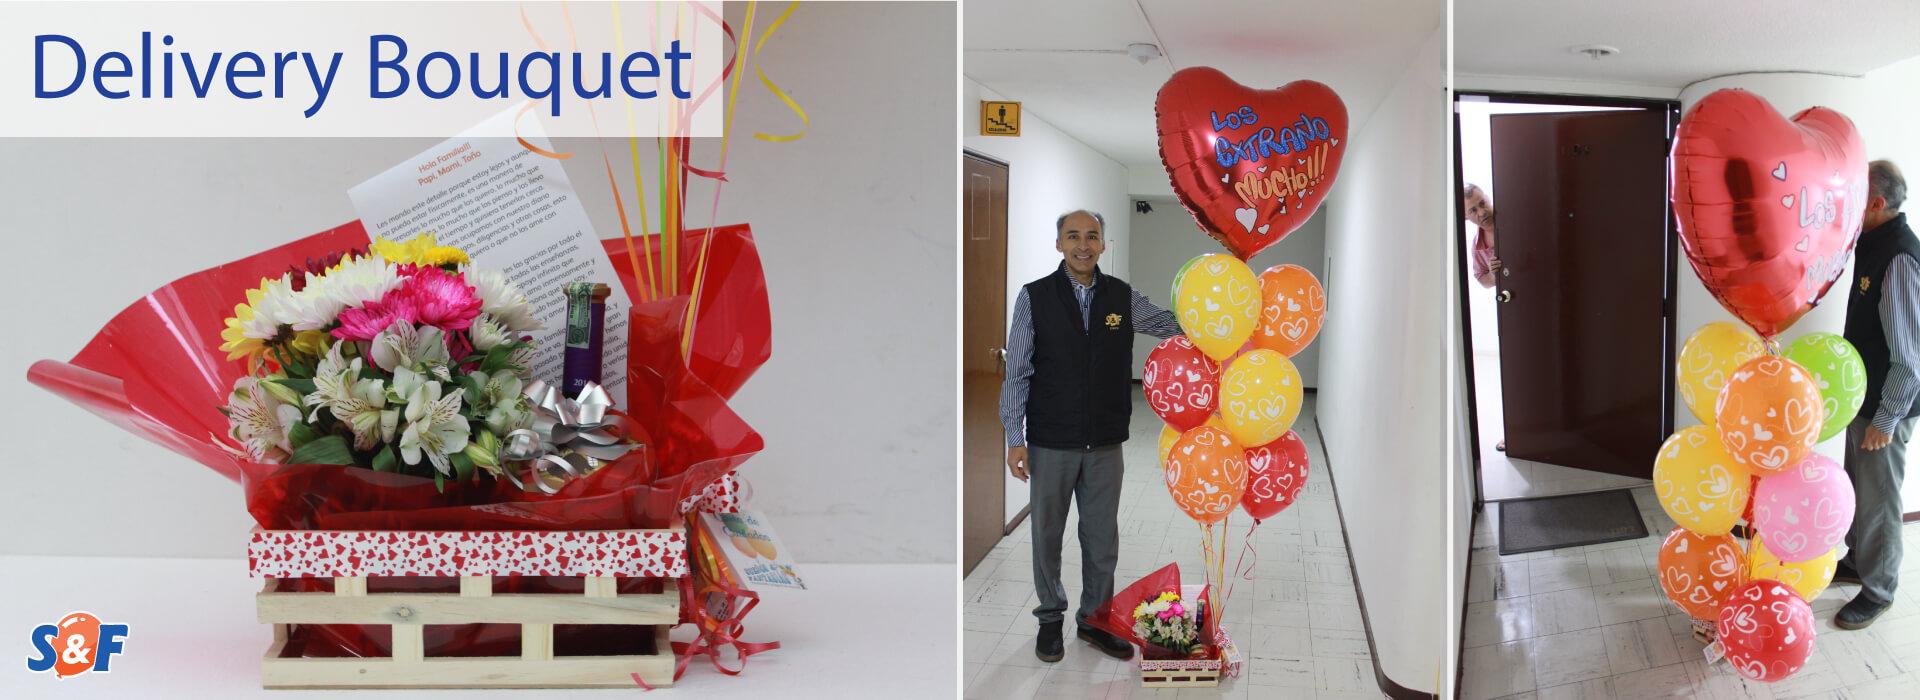 Delivery Bouquete, un servicio donde entregamos tu regalo acompañado de un arreglo (en globos de látex y microfoil) personalizados e inflados con Helio.